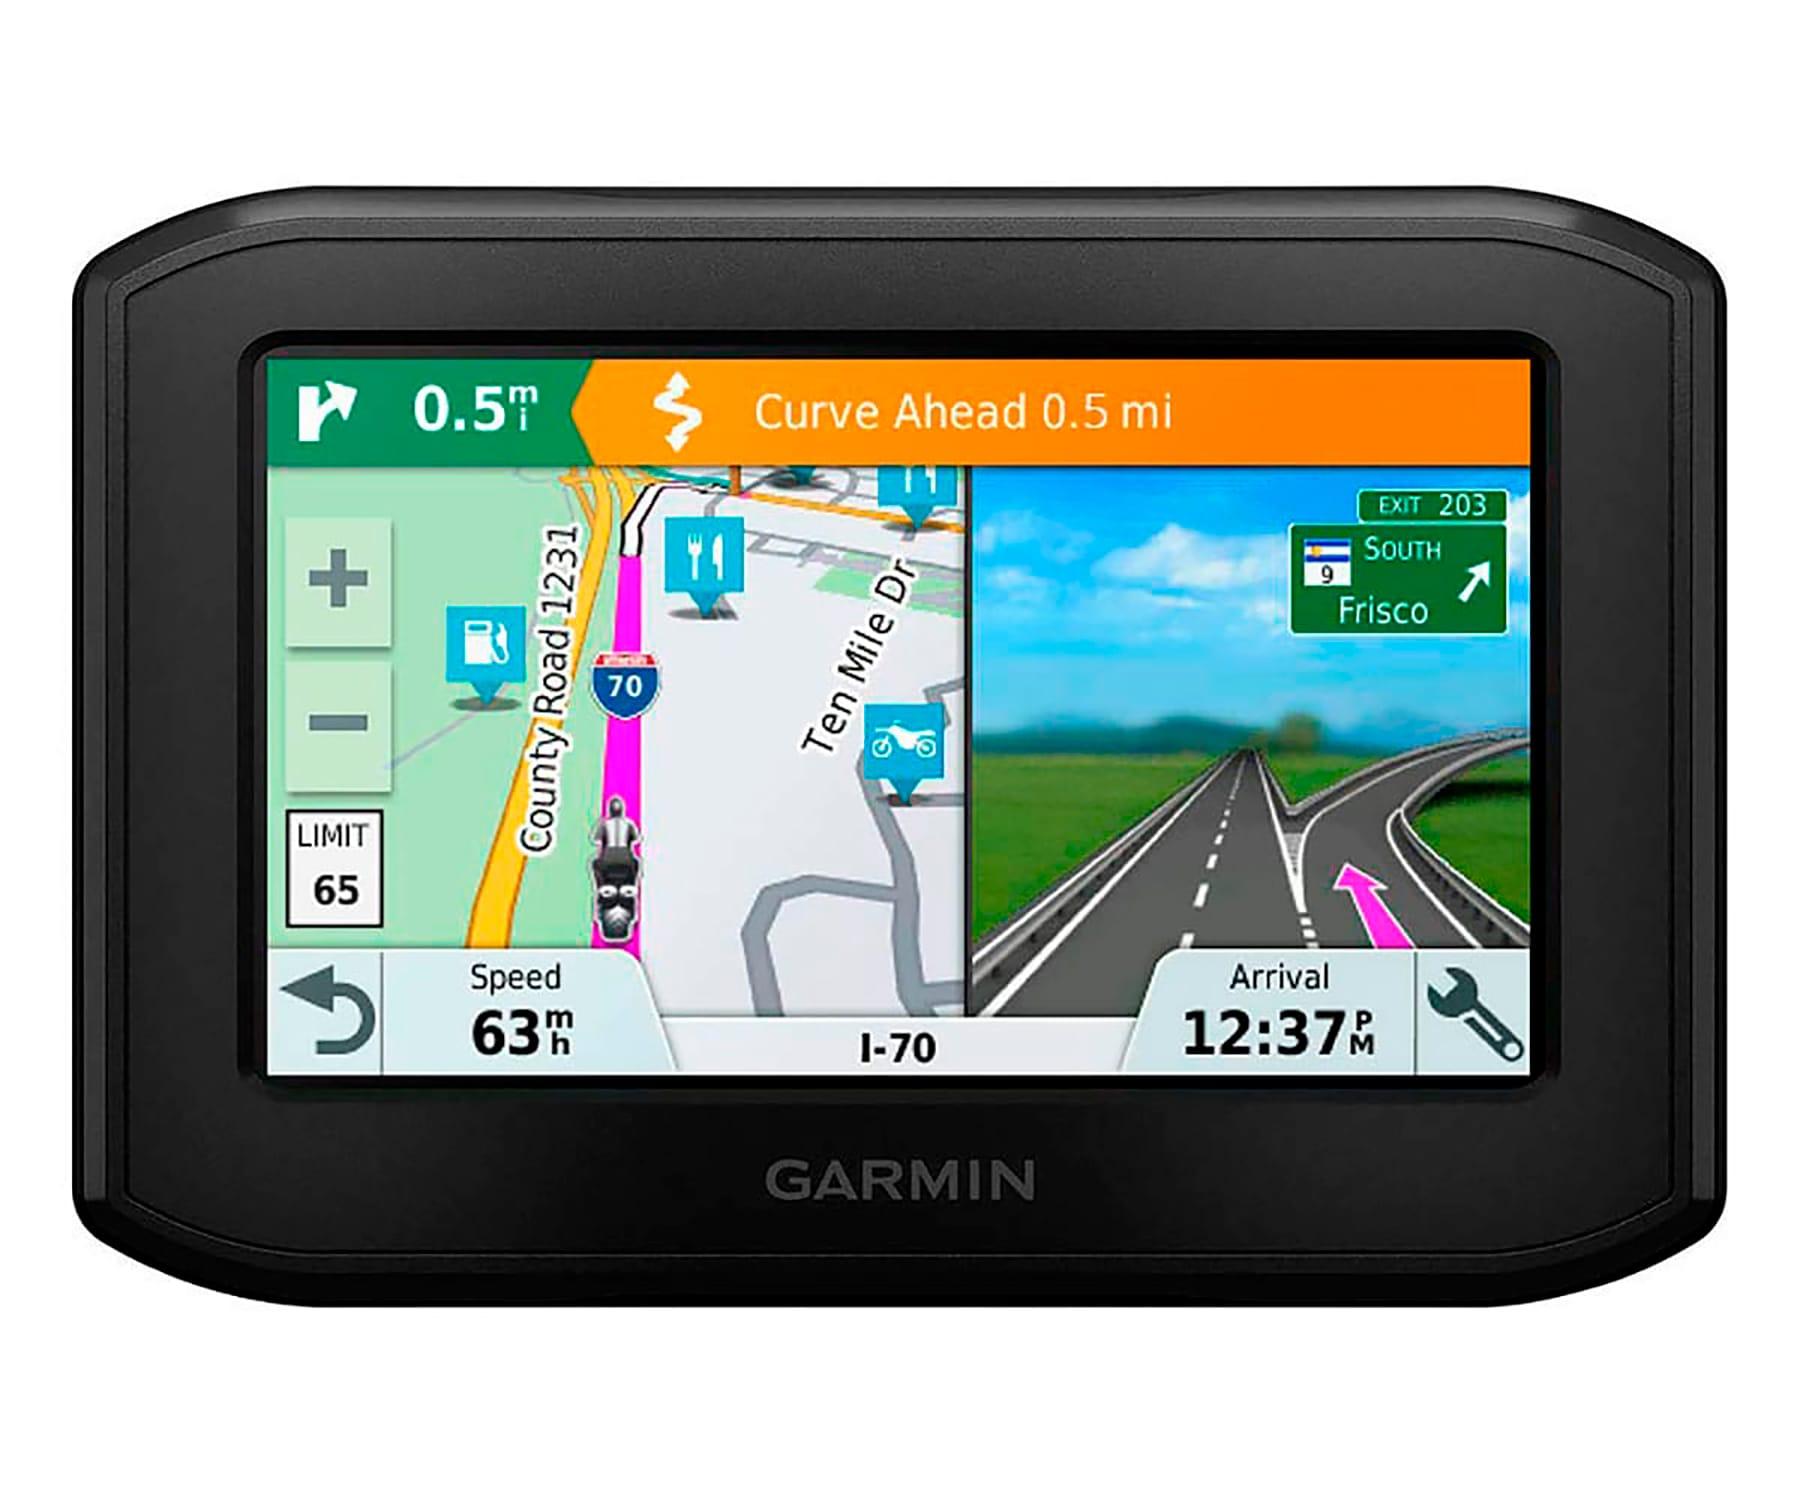 GARMIN ZUMO 396 LMT-S WE NAVEGADOR GPS 4.3'' EUROPA ESPECÍFICO PARA MOTOCICLETAS